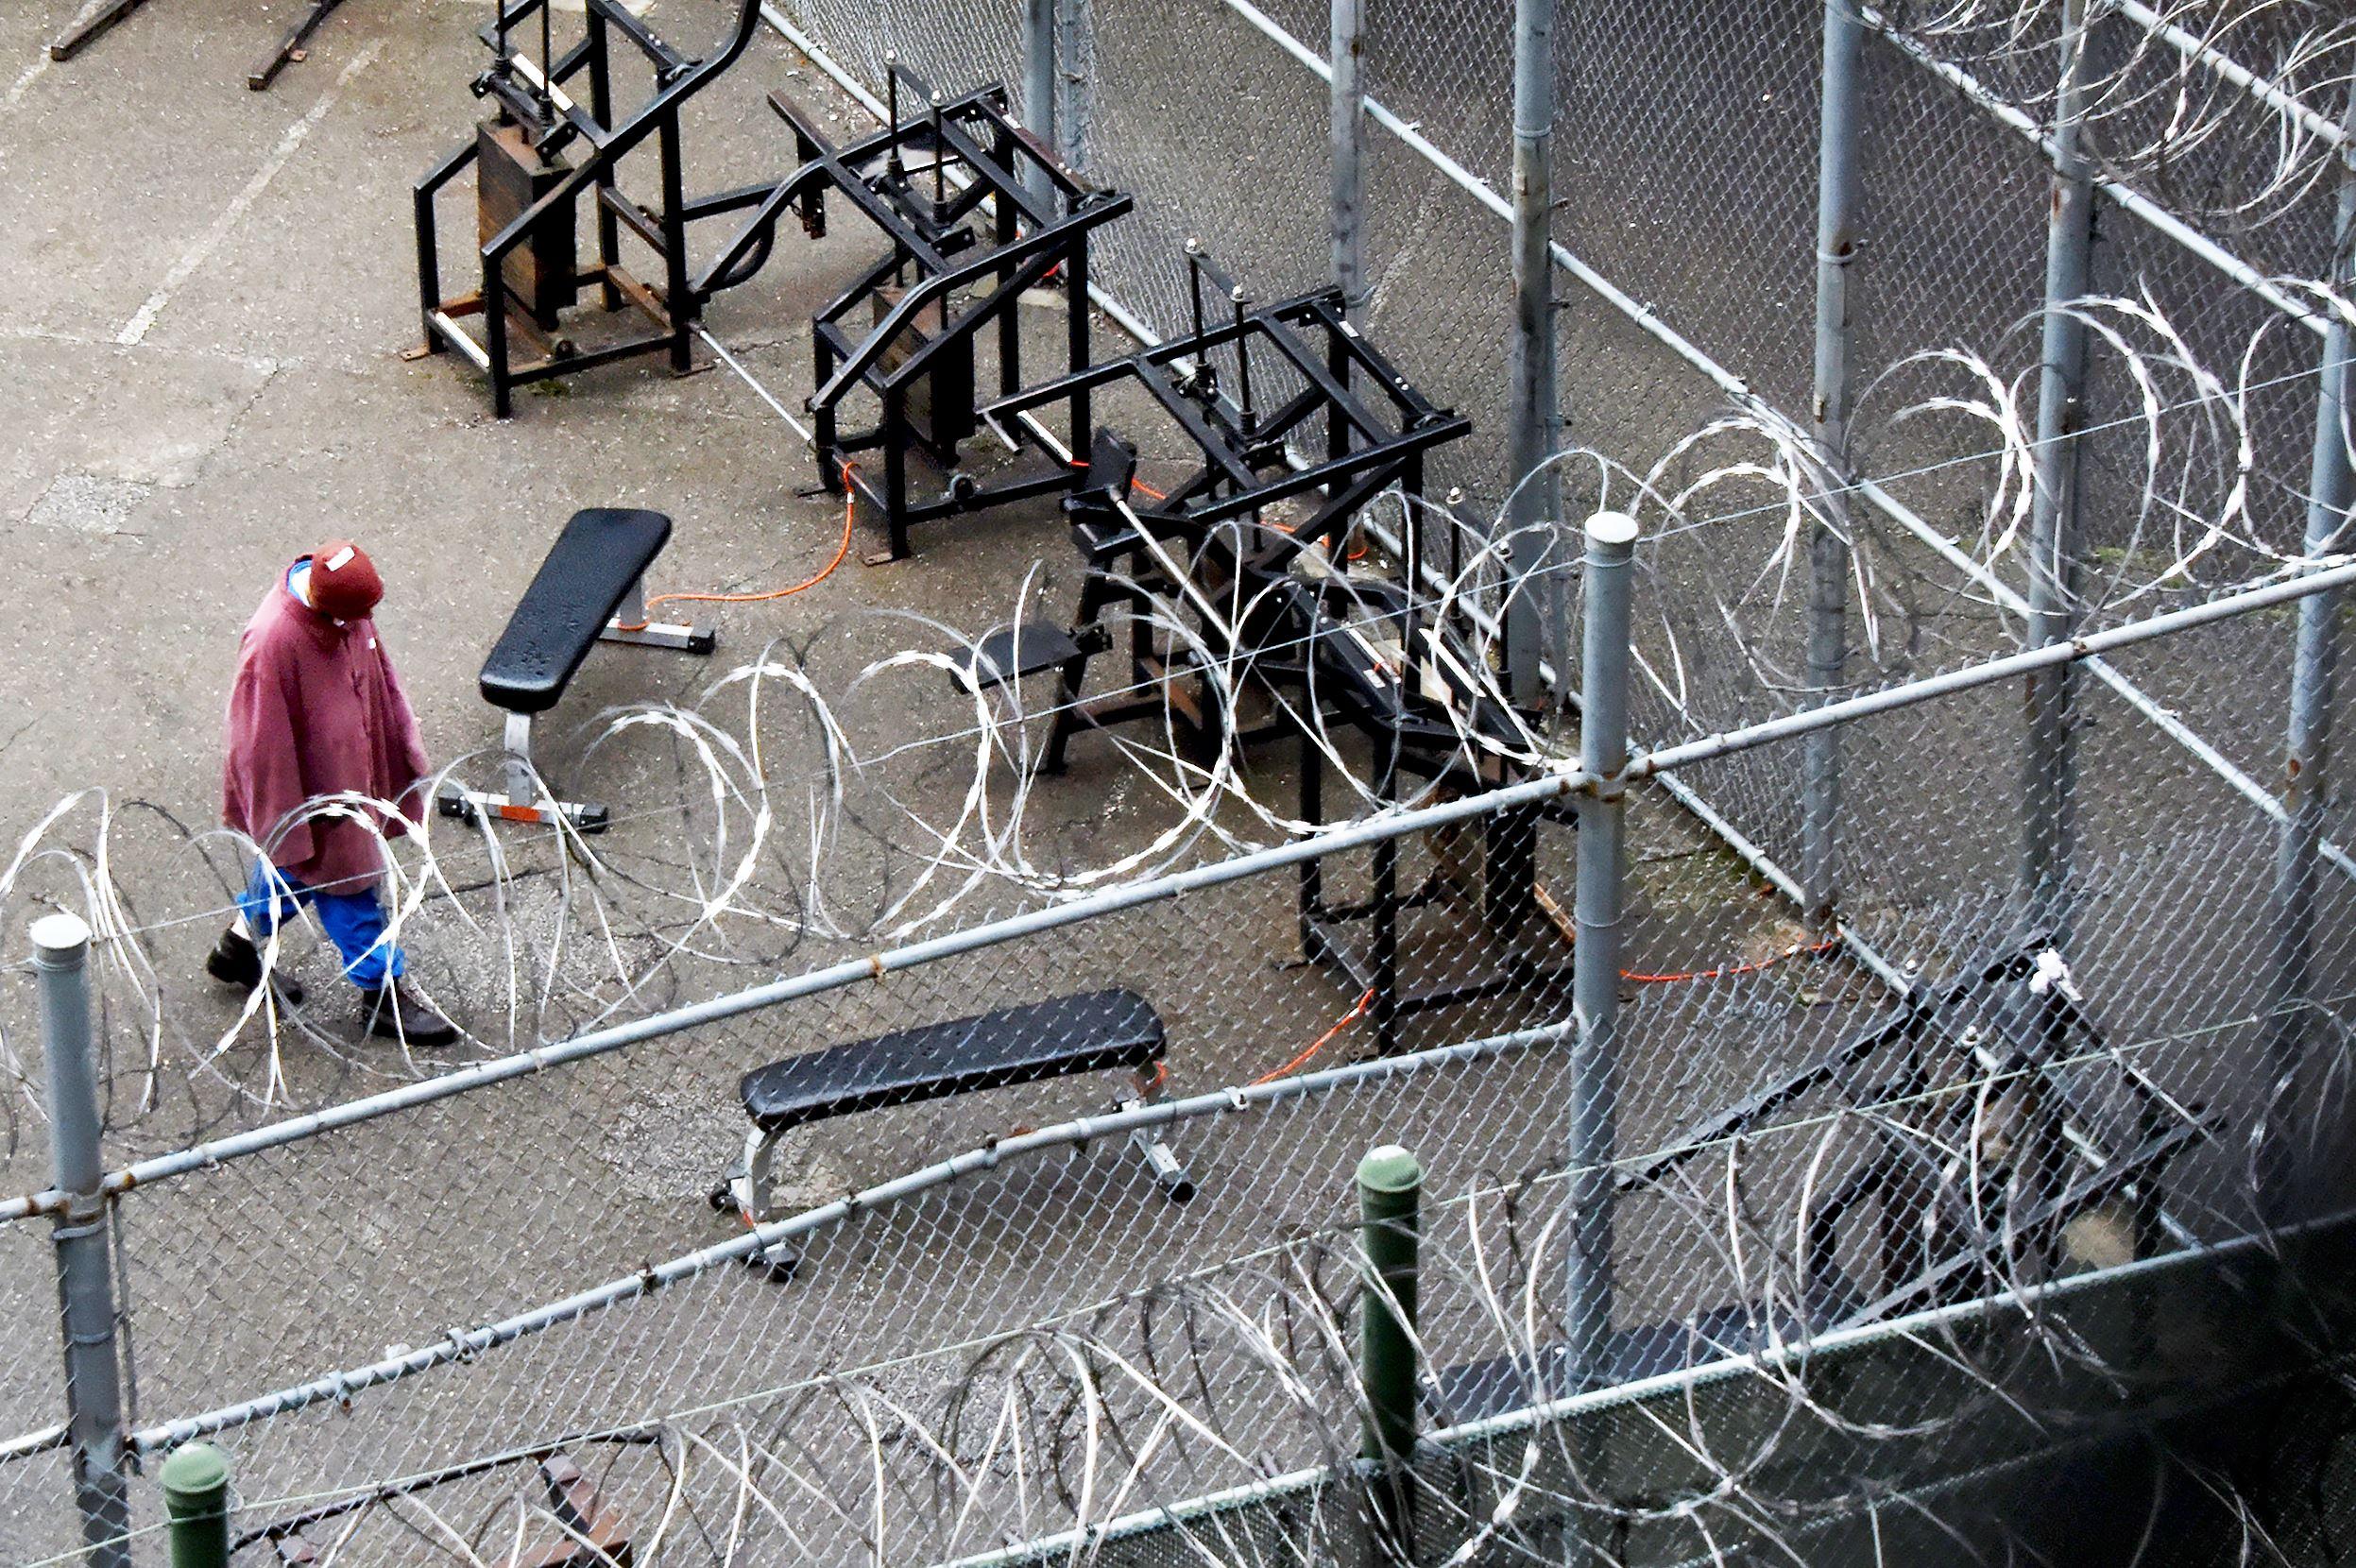 State prison to close